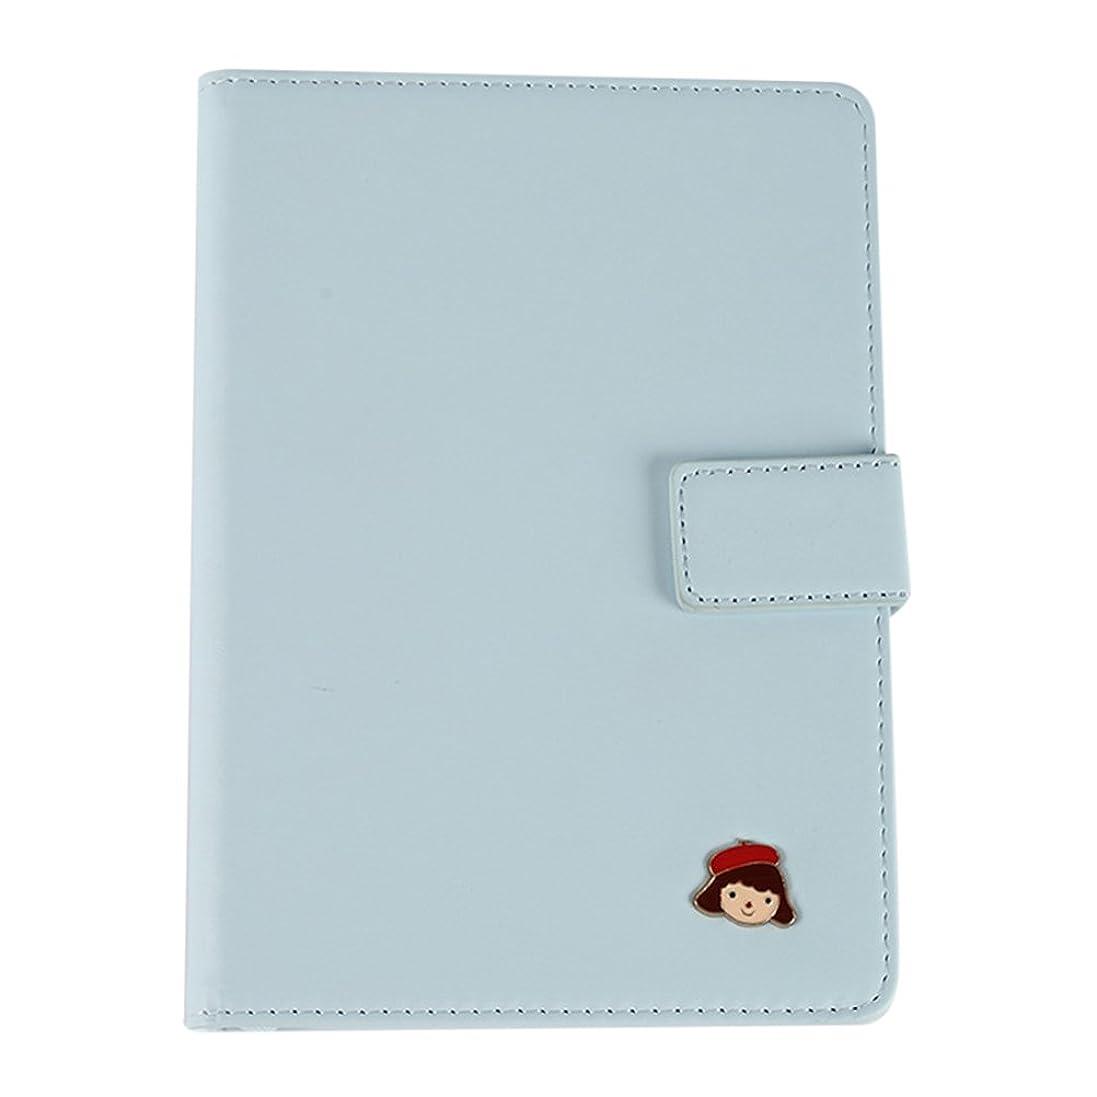 オートマトンハンドブック眠いですZhhlaixing パーソナル プランナー ジャーナル 書き込み 会議 ノート シンプル 設計 Notebook ために レディース 女の子 生活 スケジュール